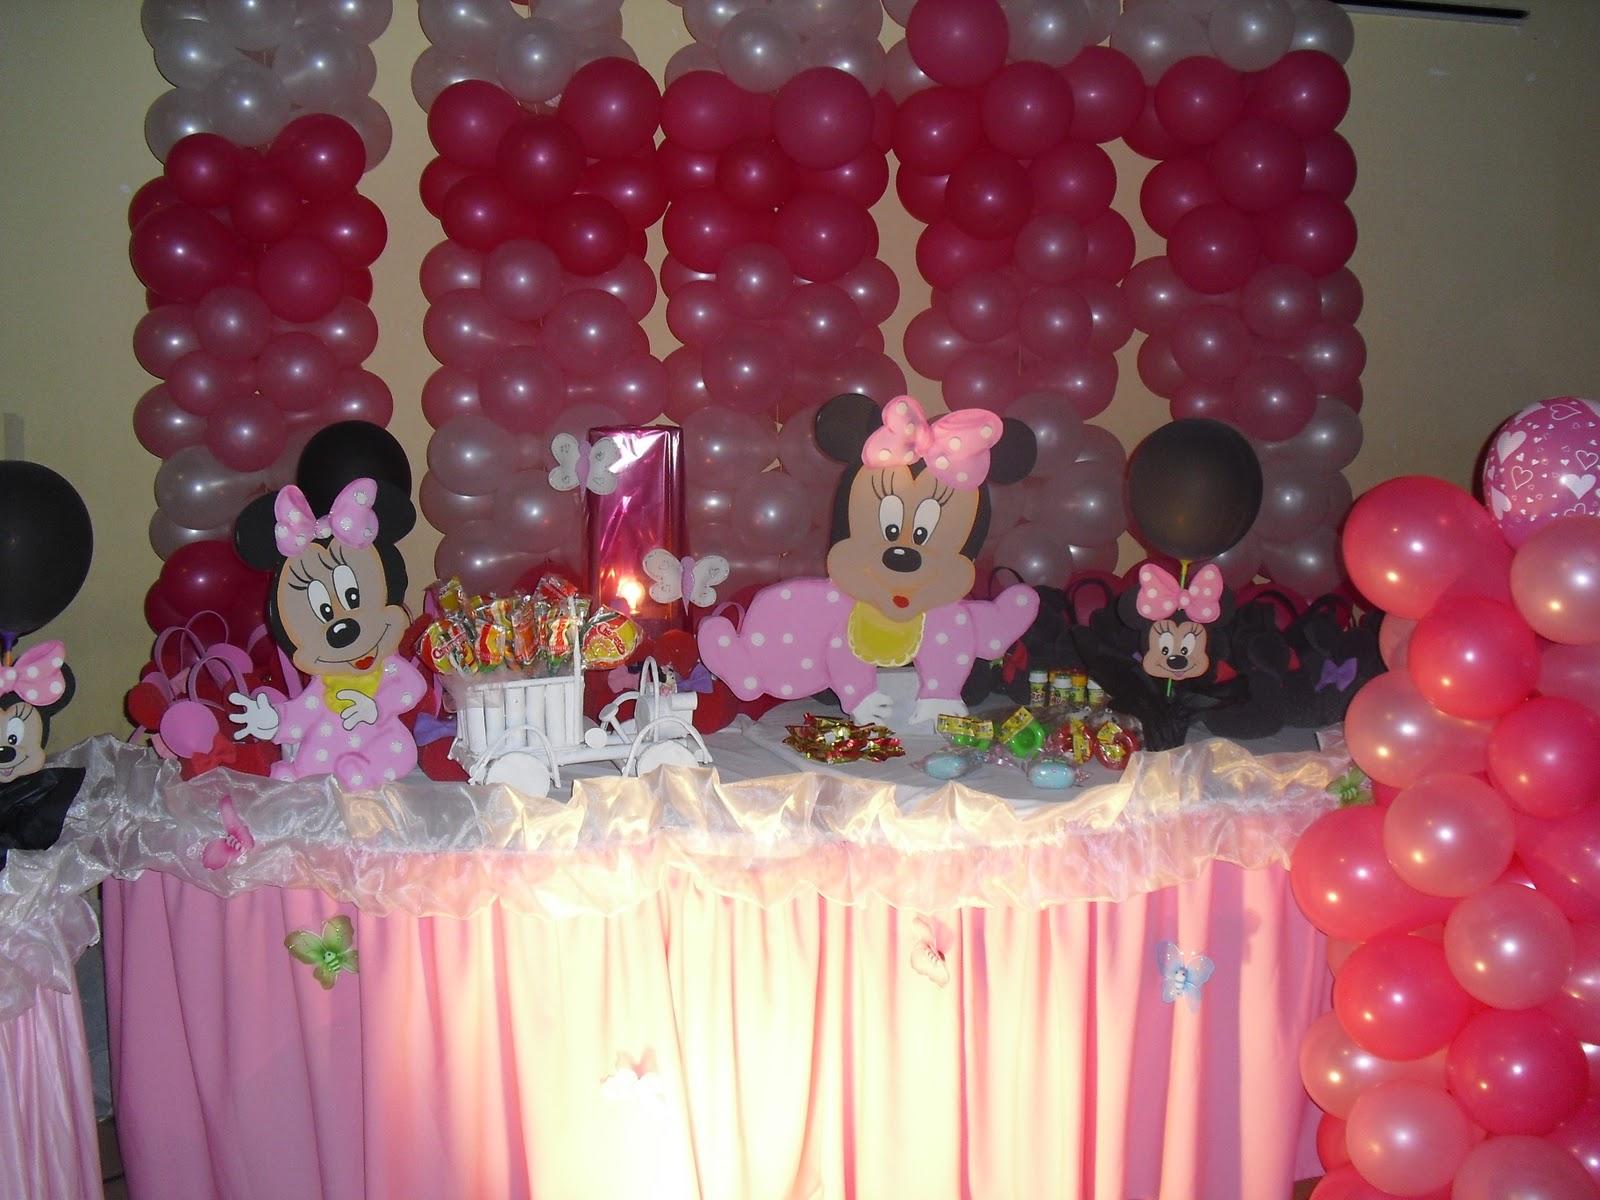 Natalia Acevedo Creaciones: decoración de fiestas infantiles